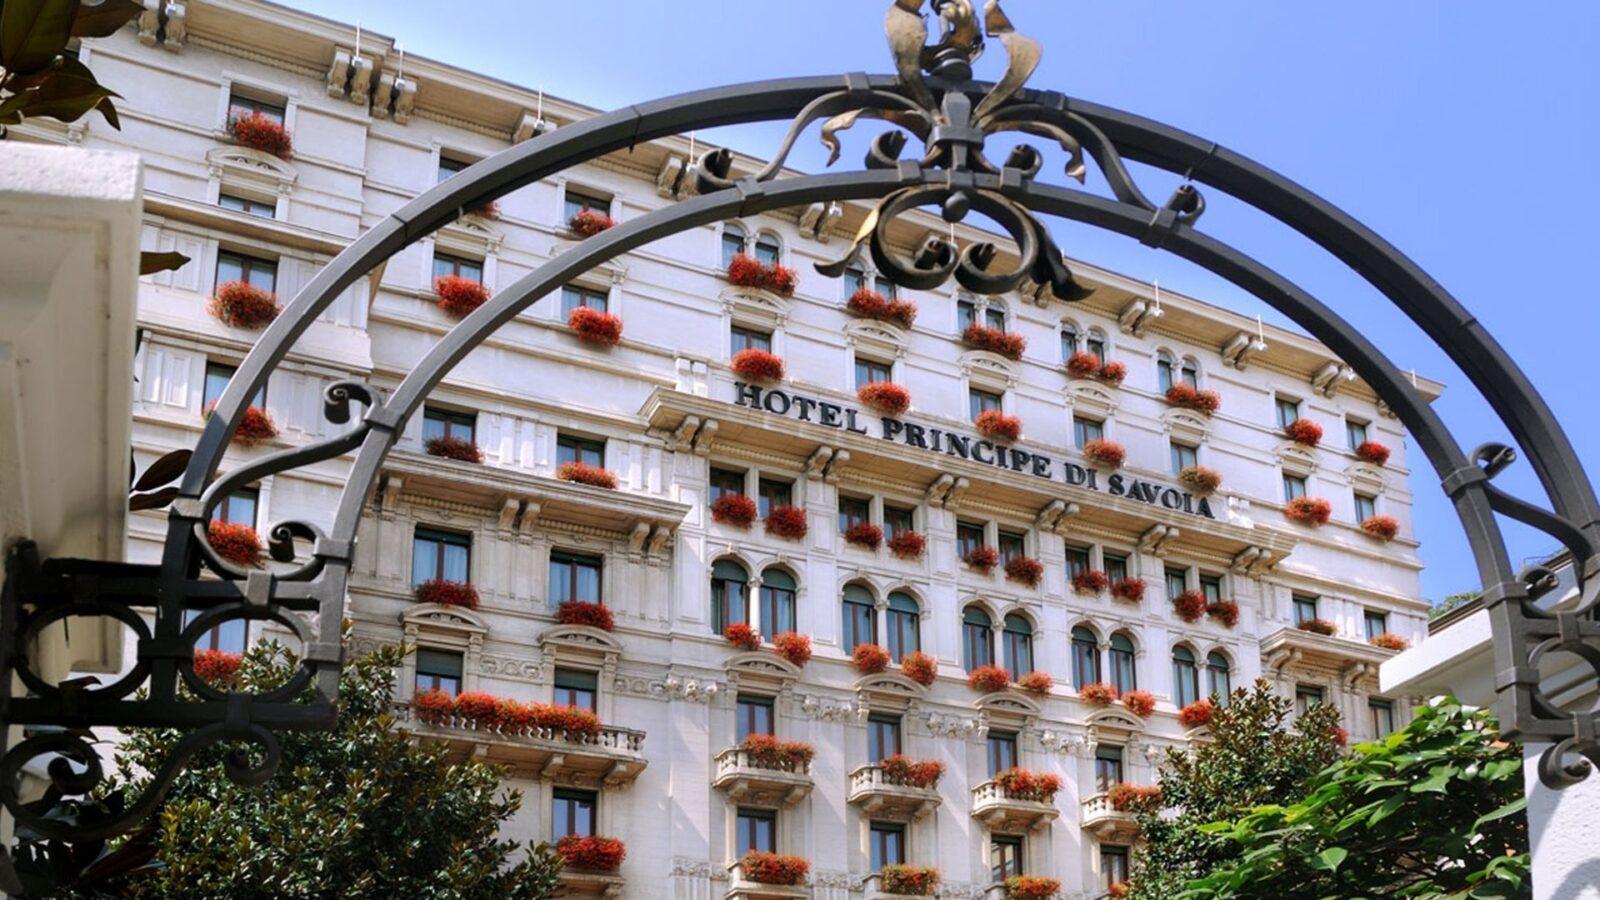 Hotel Principe di Savoia, Summer Facade